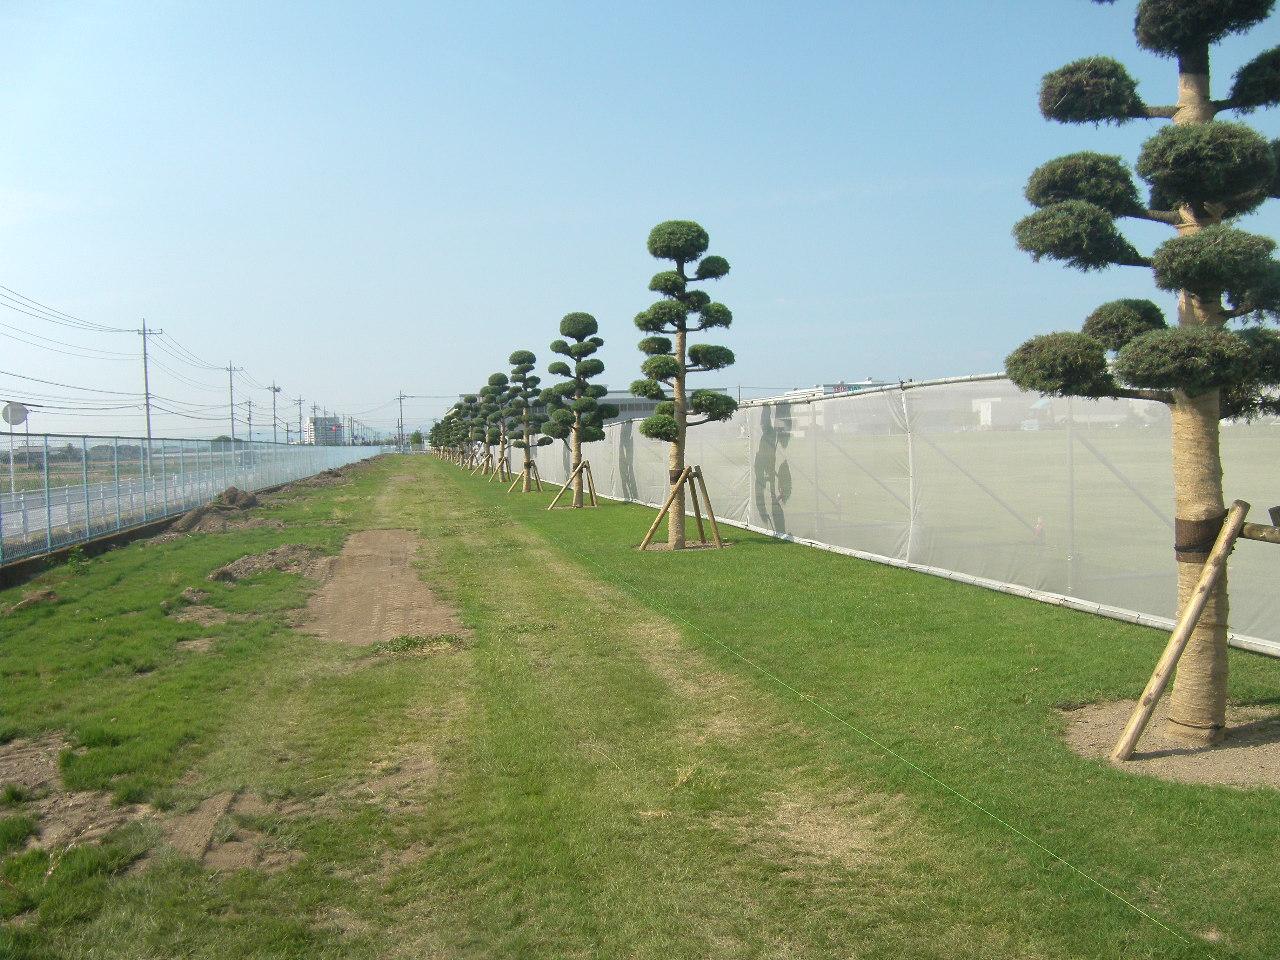 単独7軸道路整備推進事業水路工分割2号 施工前